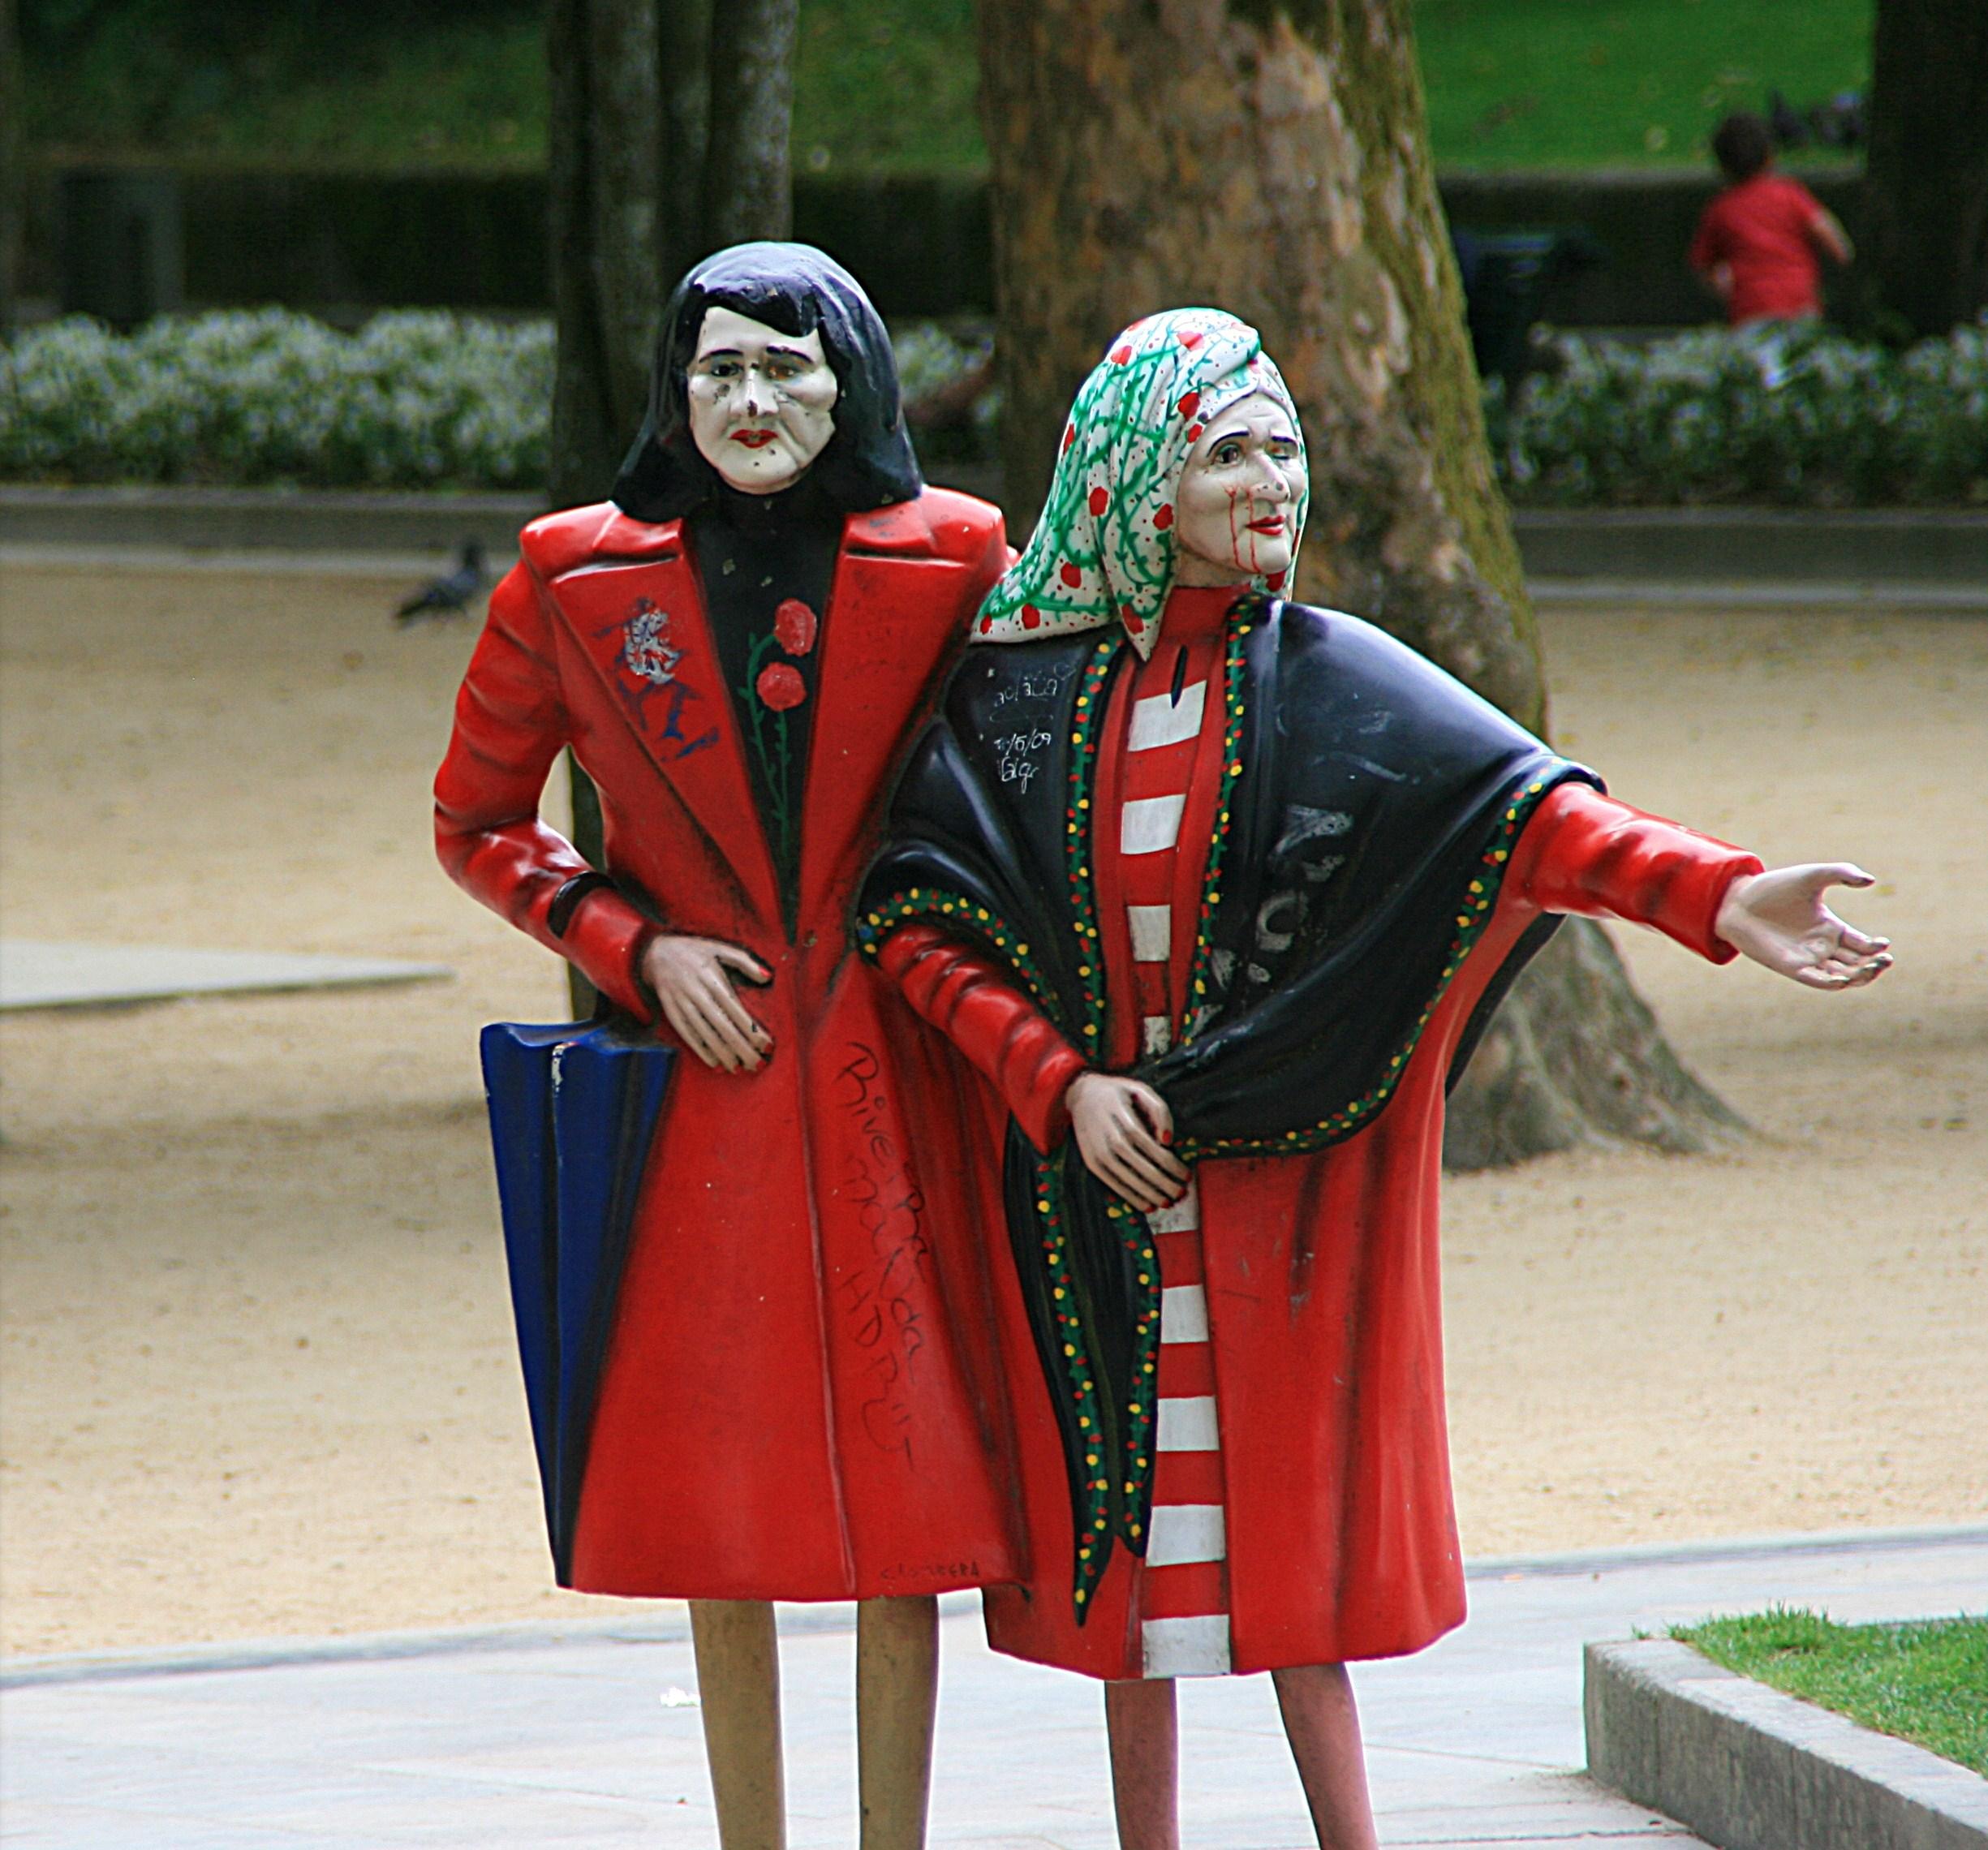 Las Dos Marías (de frente) vandalizadas, Santiago de Compostela |  © Miguel Ángel García / Wikicommons